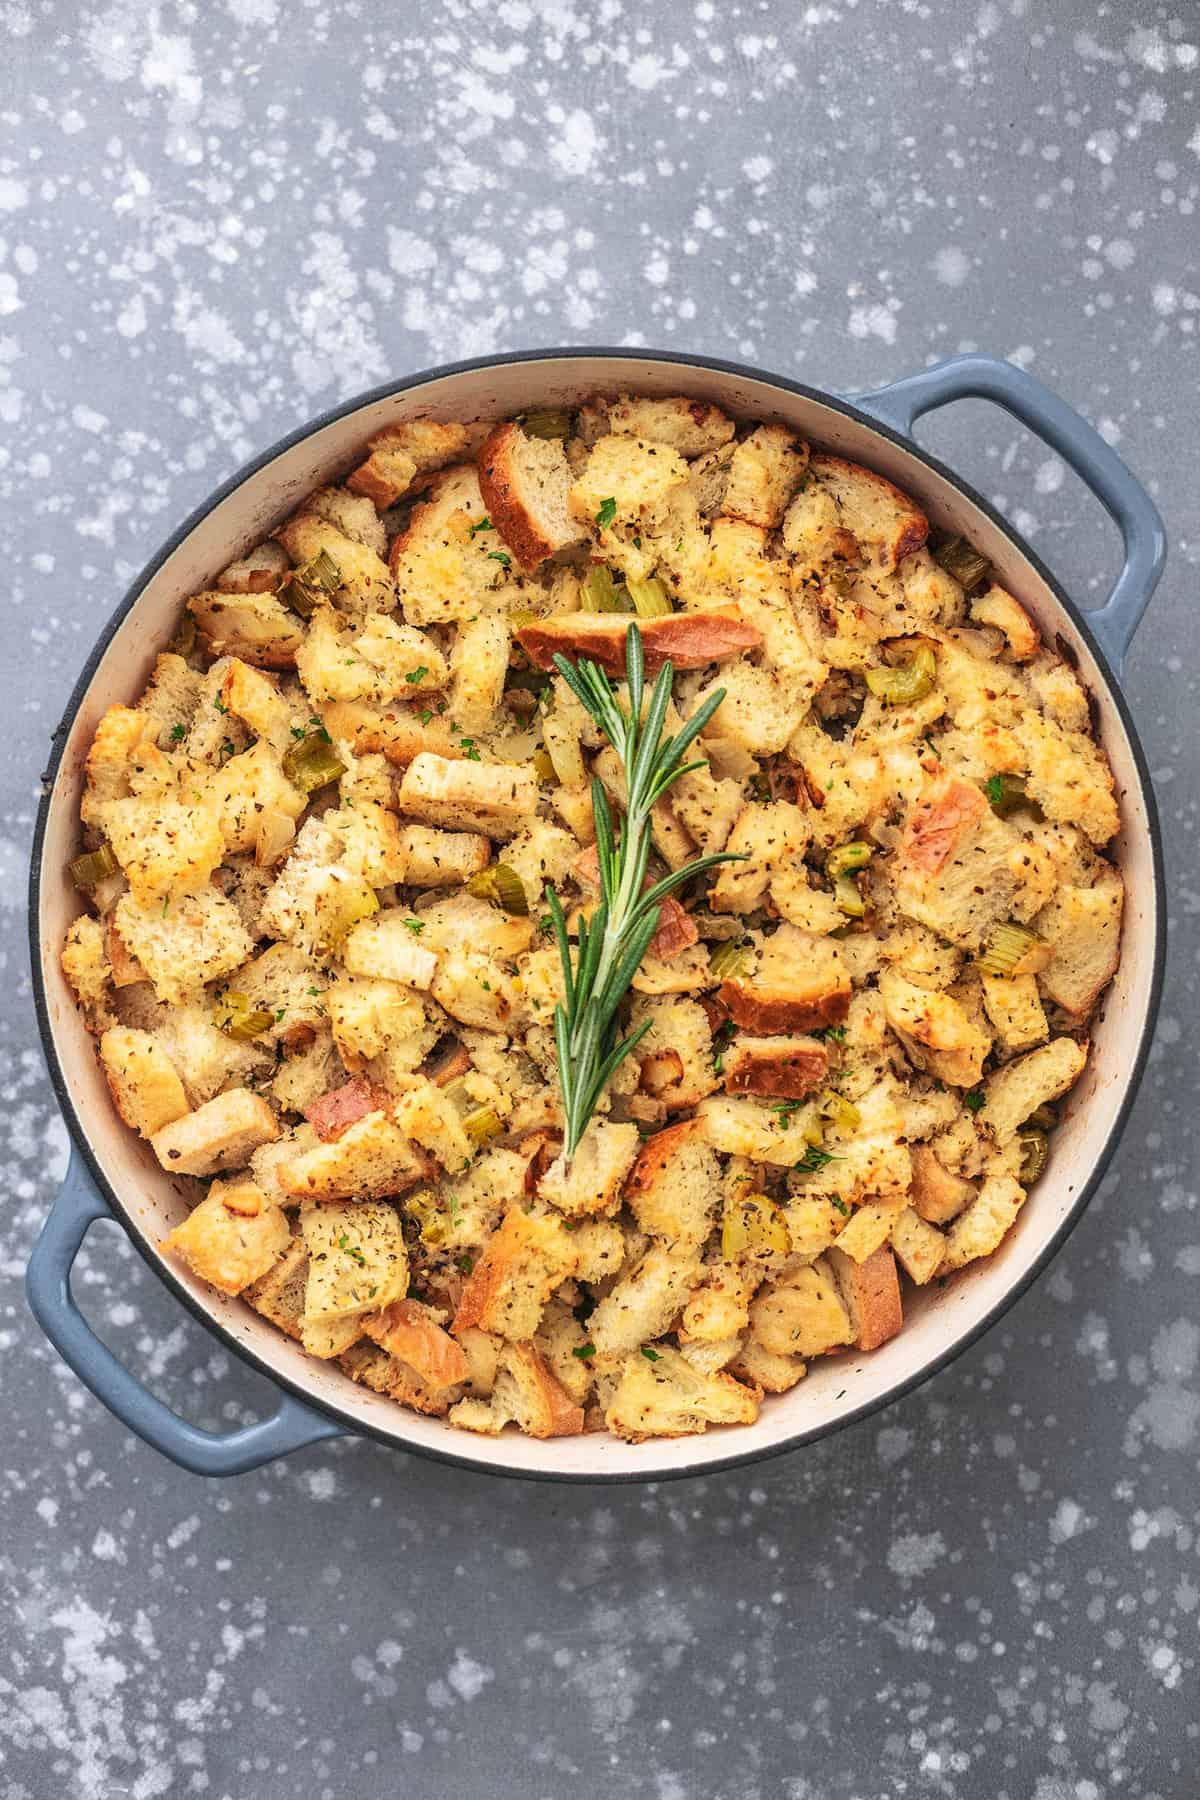 Klassisches traditionelles hausgemachtes Füllrezept - dieses einfache Thanksgiving-Beilagenrezept wird Ihr Favorit sein! | lecremedelacrumb.com